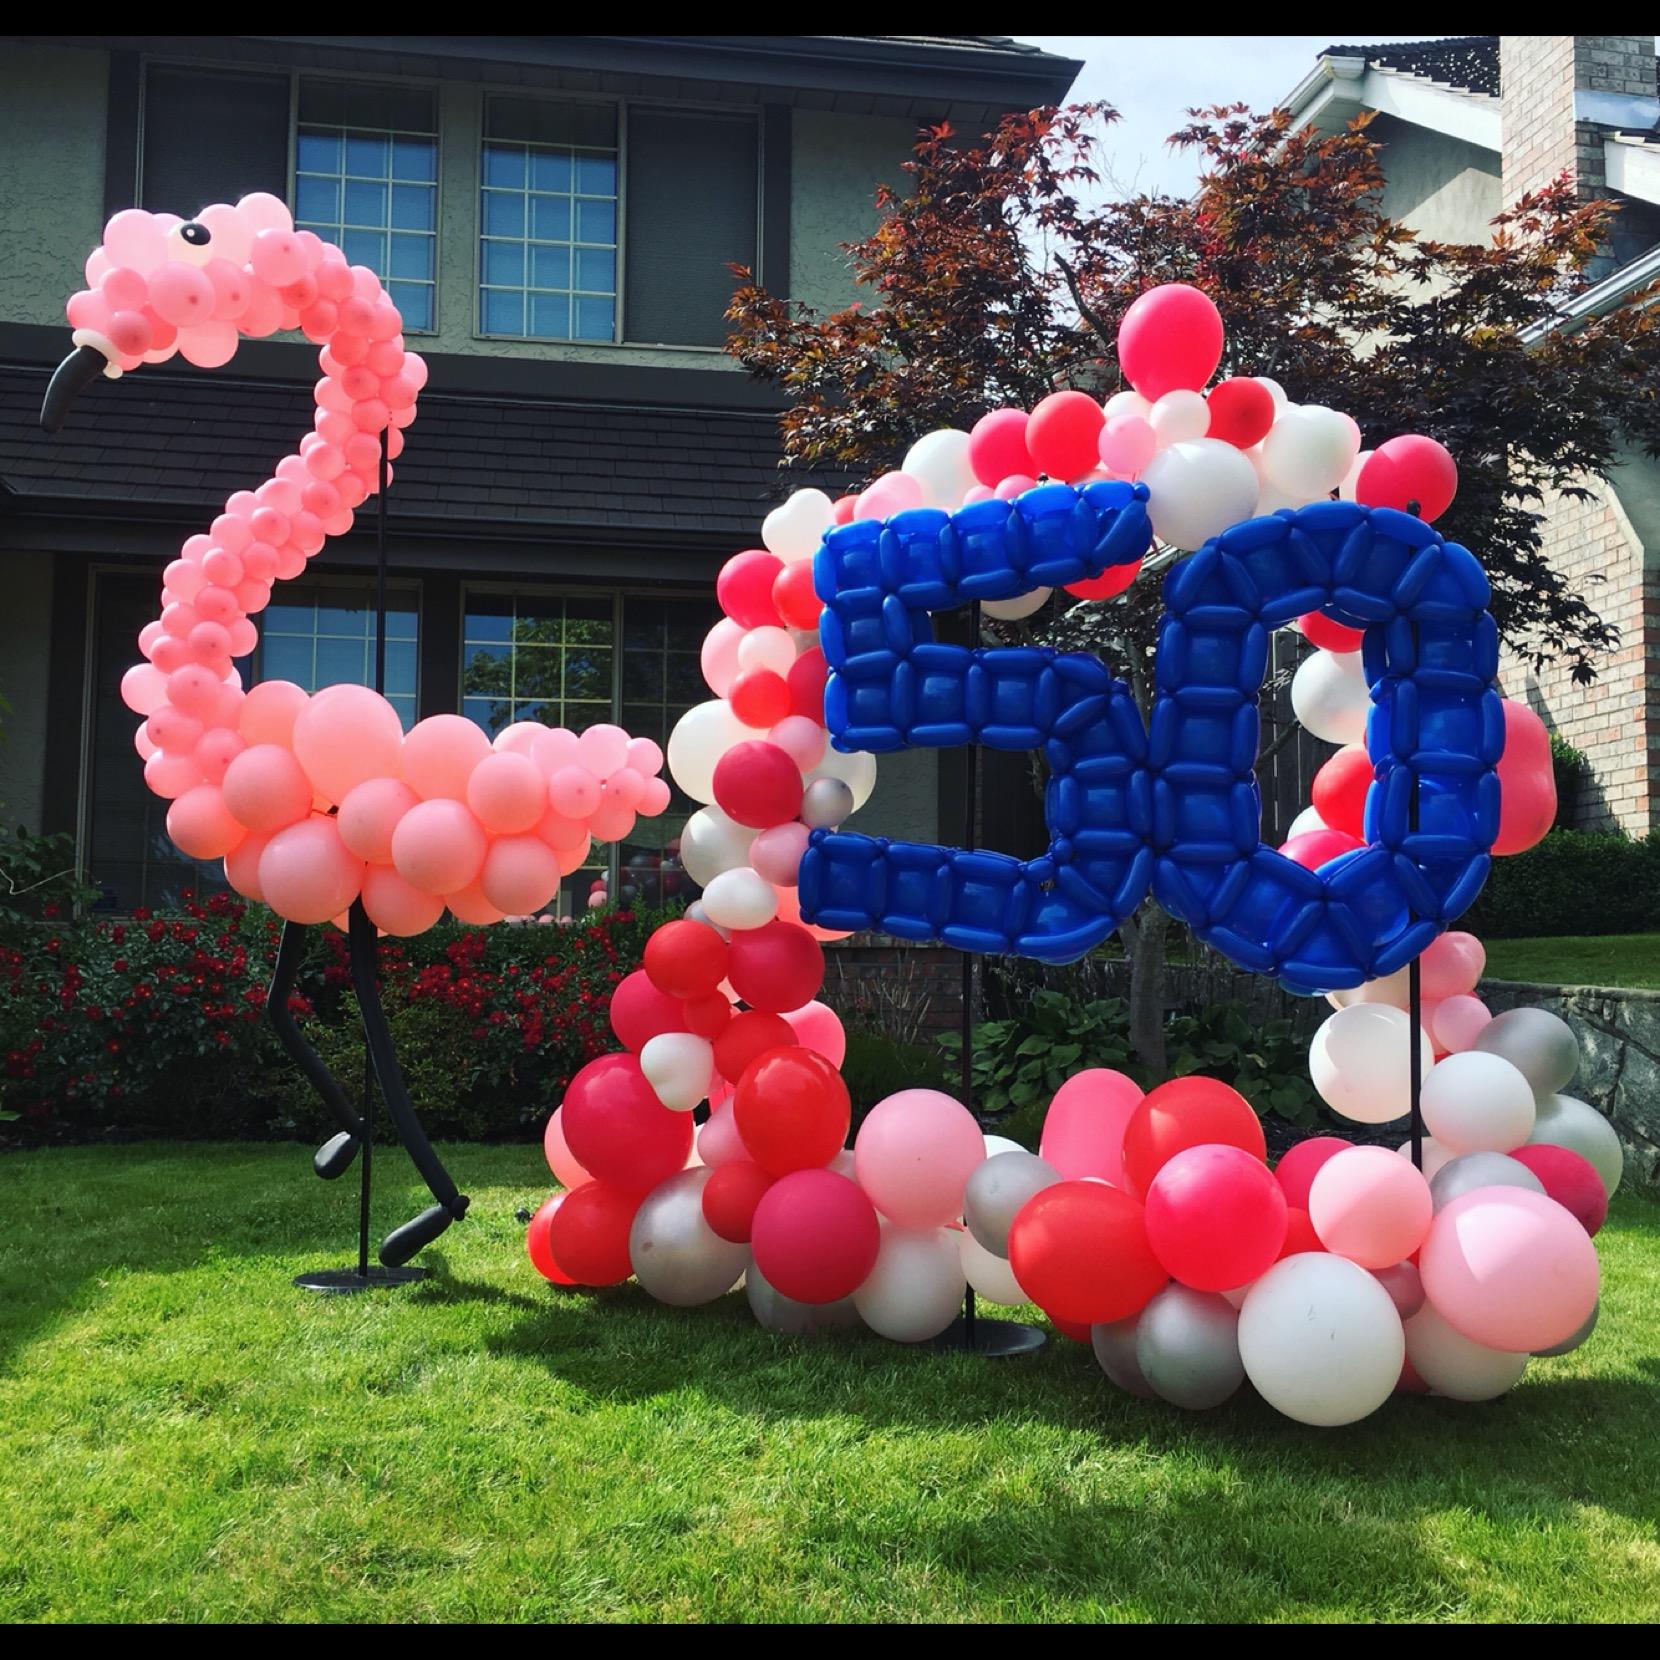 Giant Flamingo Yard Decor